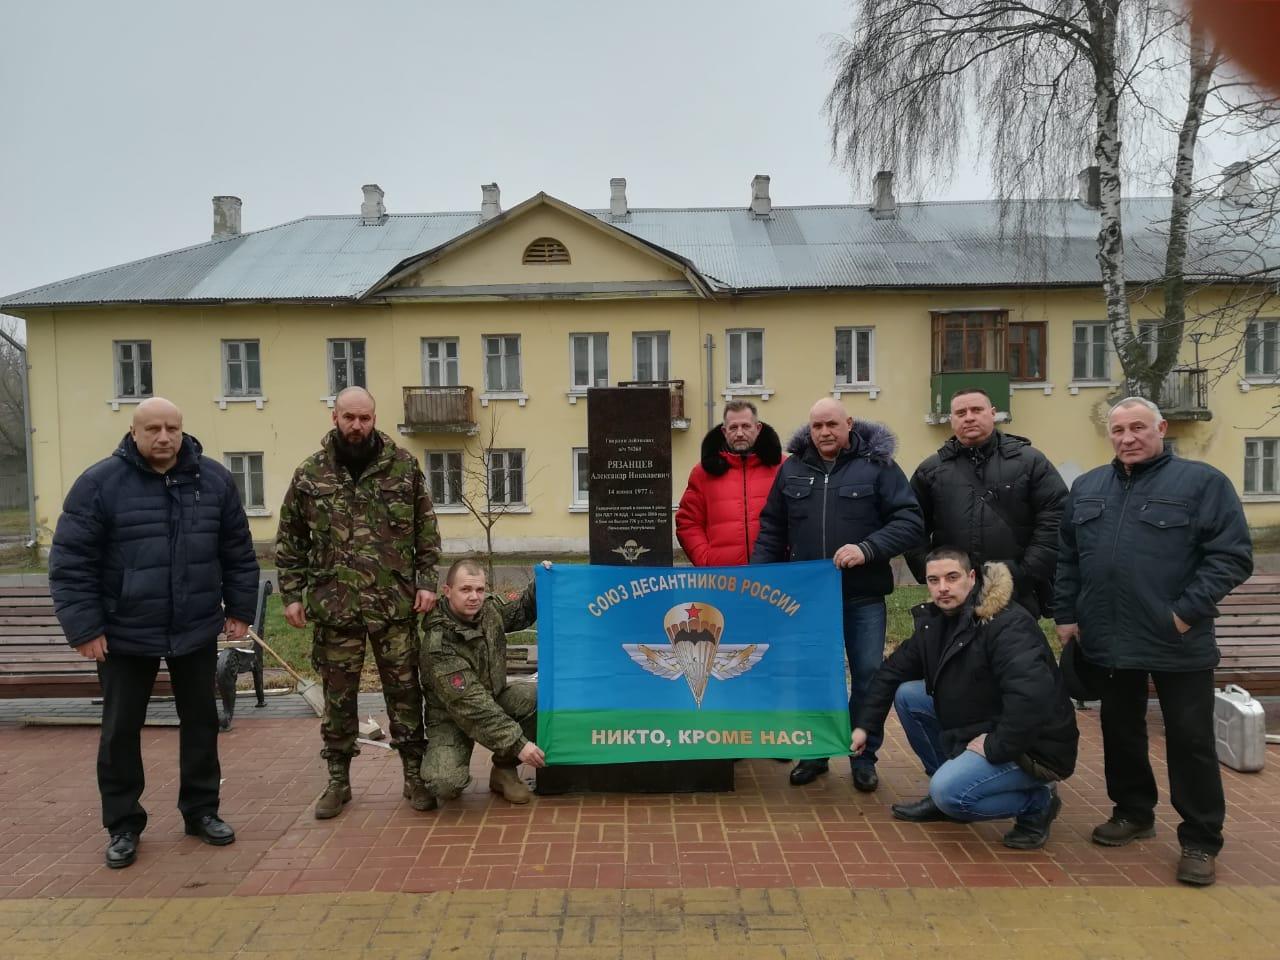 В Орле началась установка памятников Героям Российской Федерации Алексею Скворцову и Александру Рязанцеву